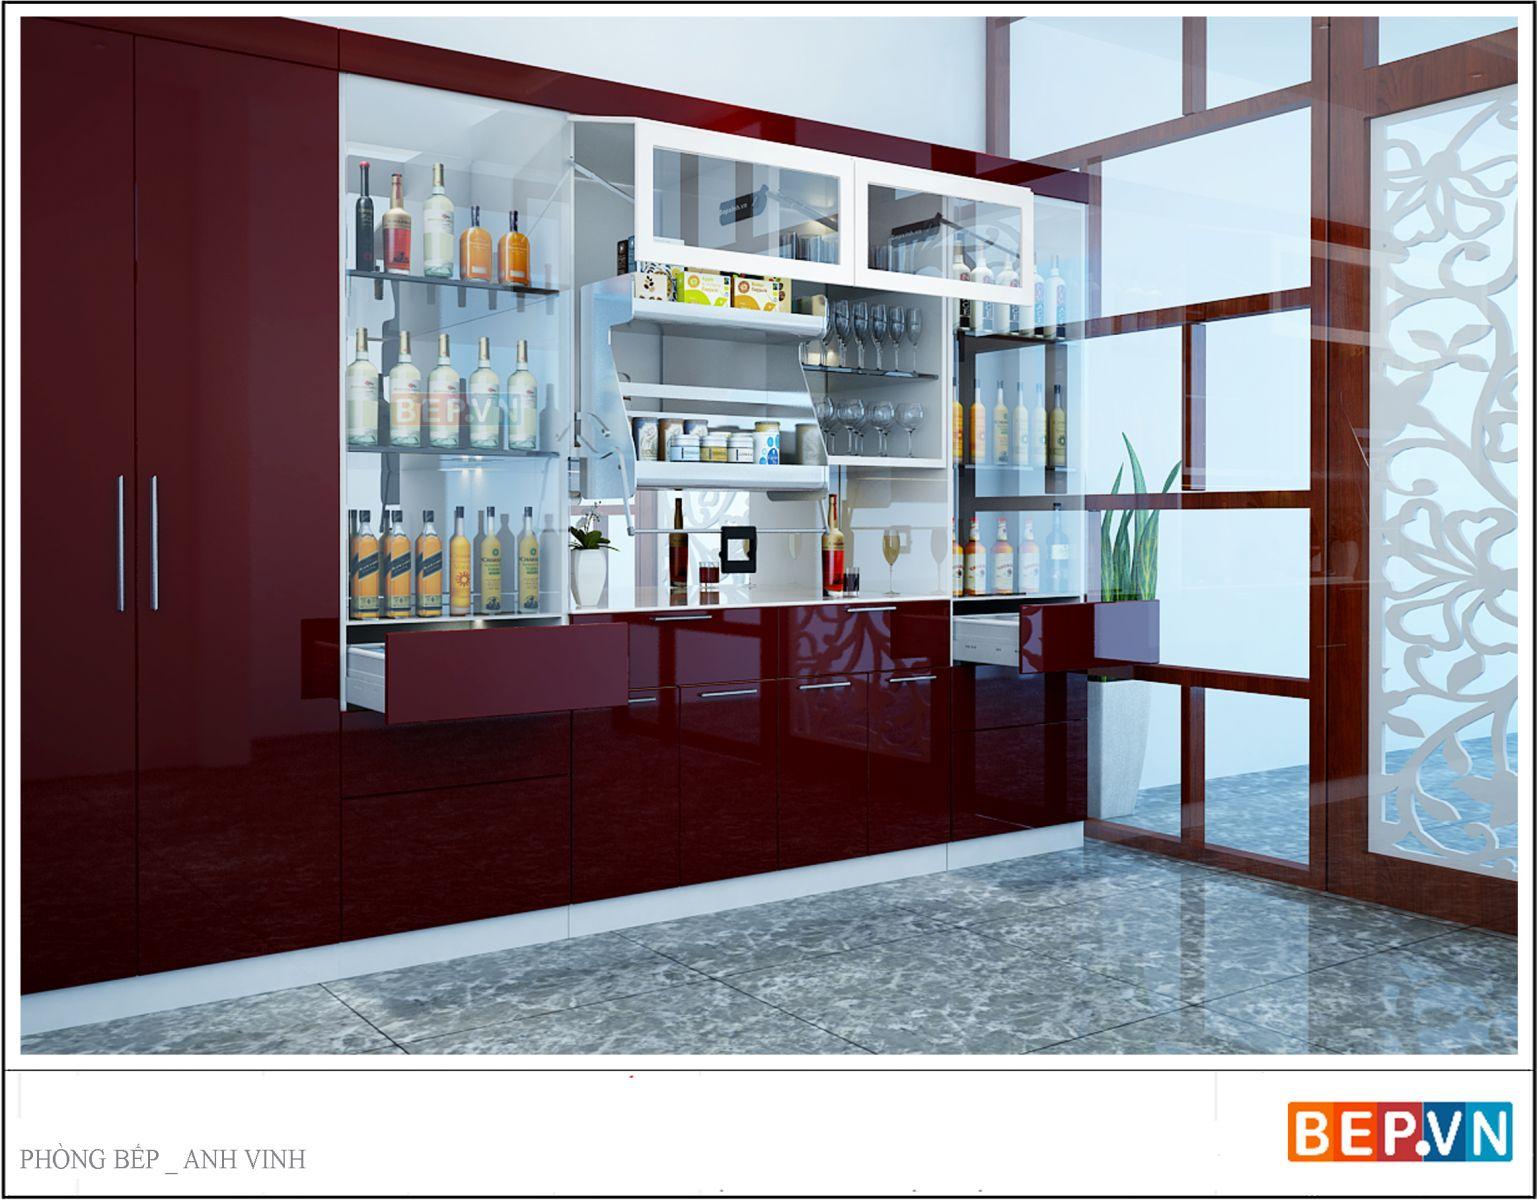 Không gian dành cho căn bếp khá rộng rãi thoải mái nên anh Vinh quyết định đặt tủ rượu nối dài với hệ tủ bếp.